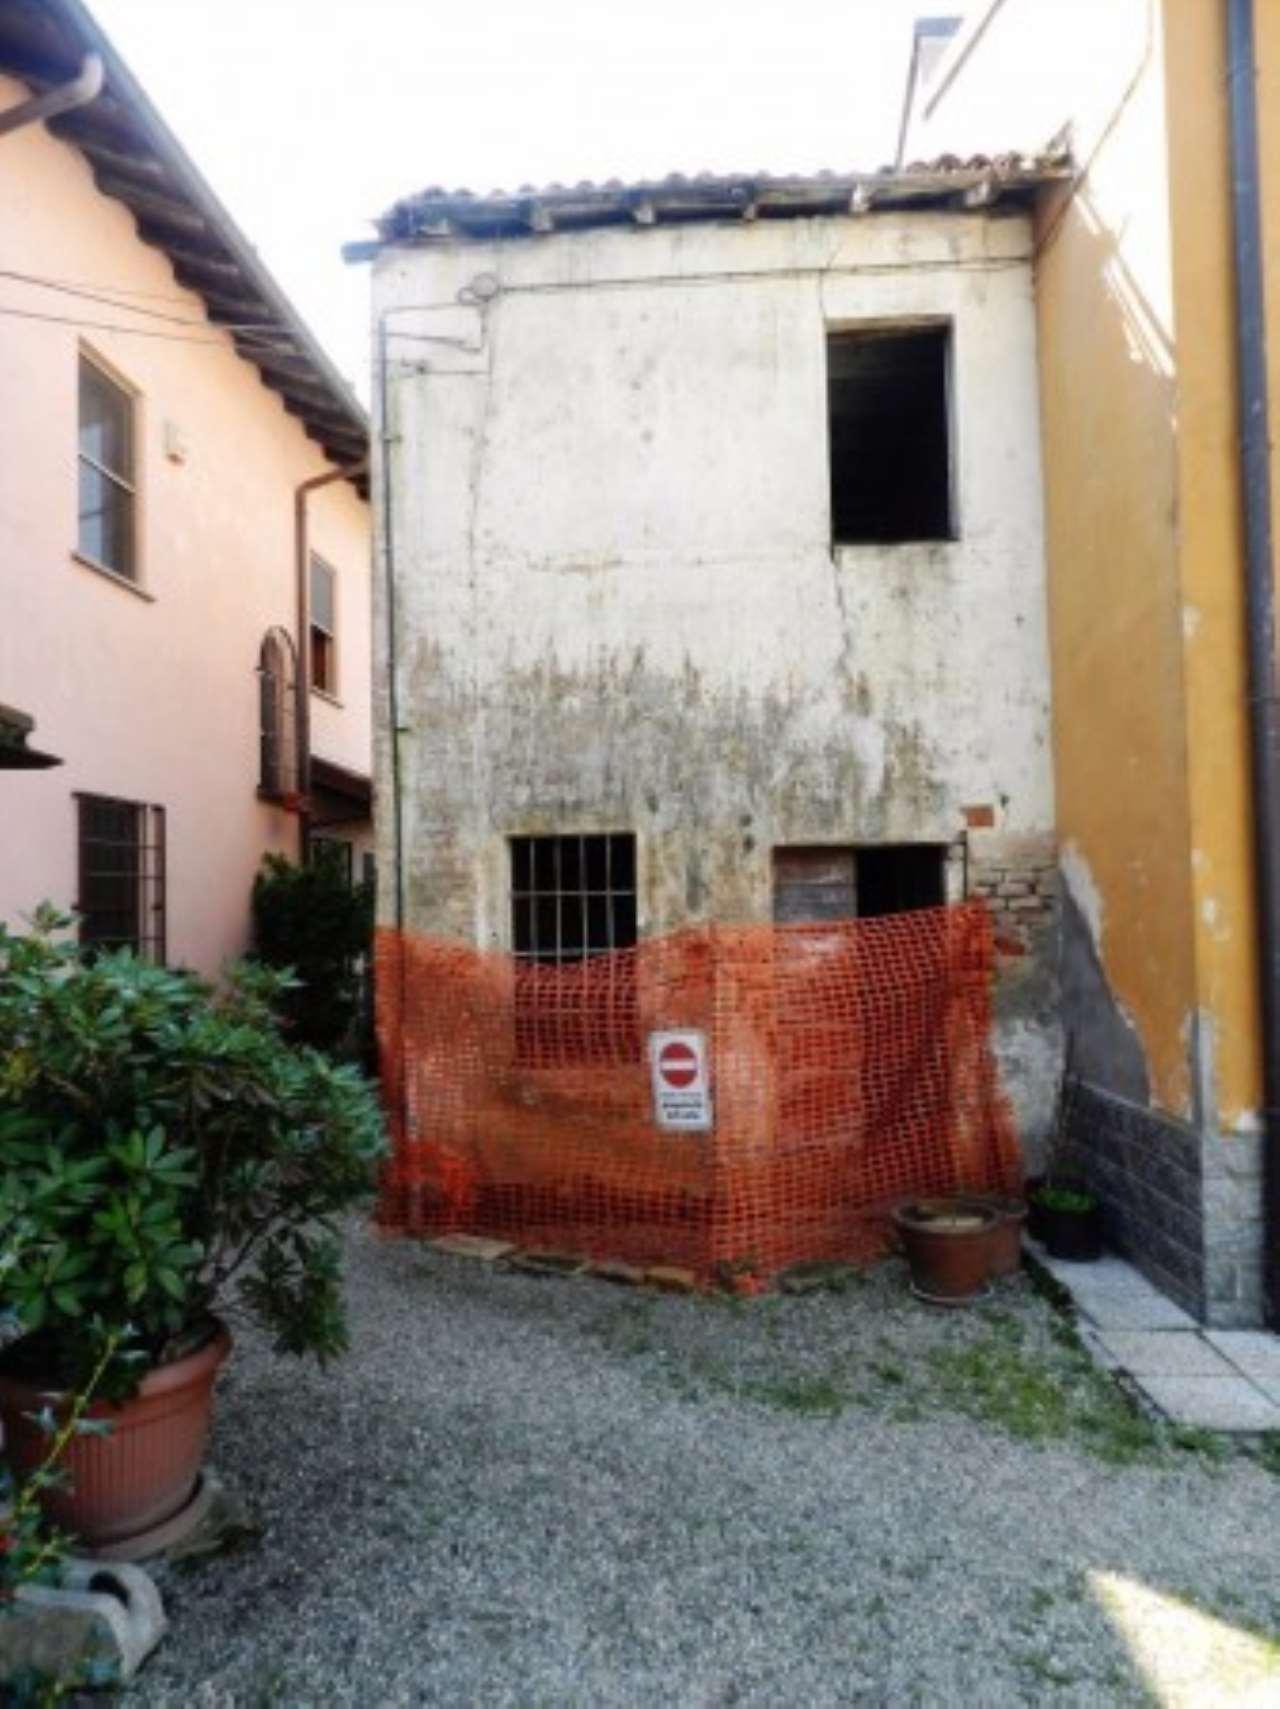 Rustico / Casale in vendita a Marcignago, 3 locali, prezzo € 25.000 | Cambio Casa.it